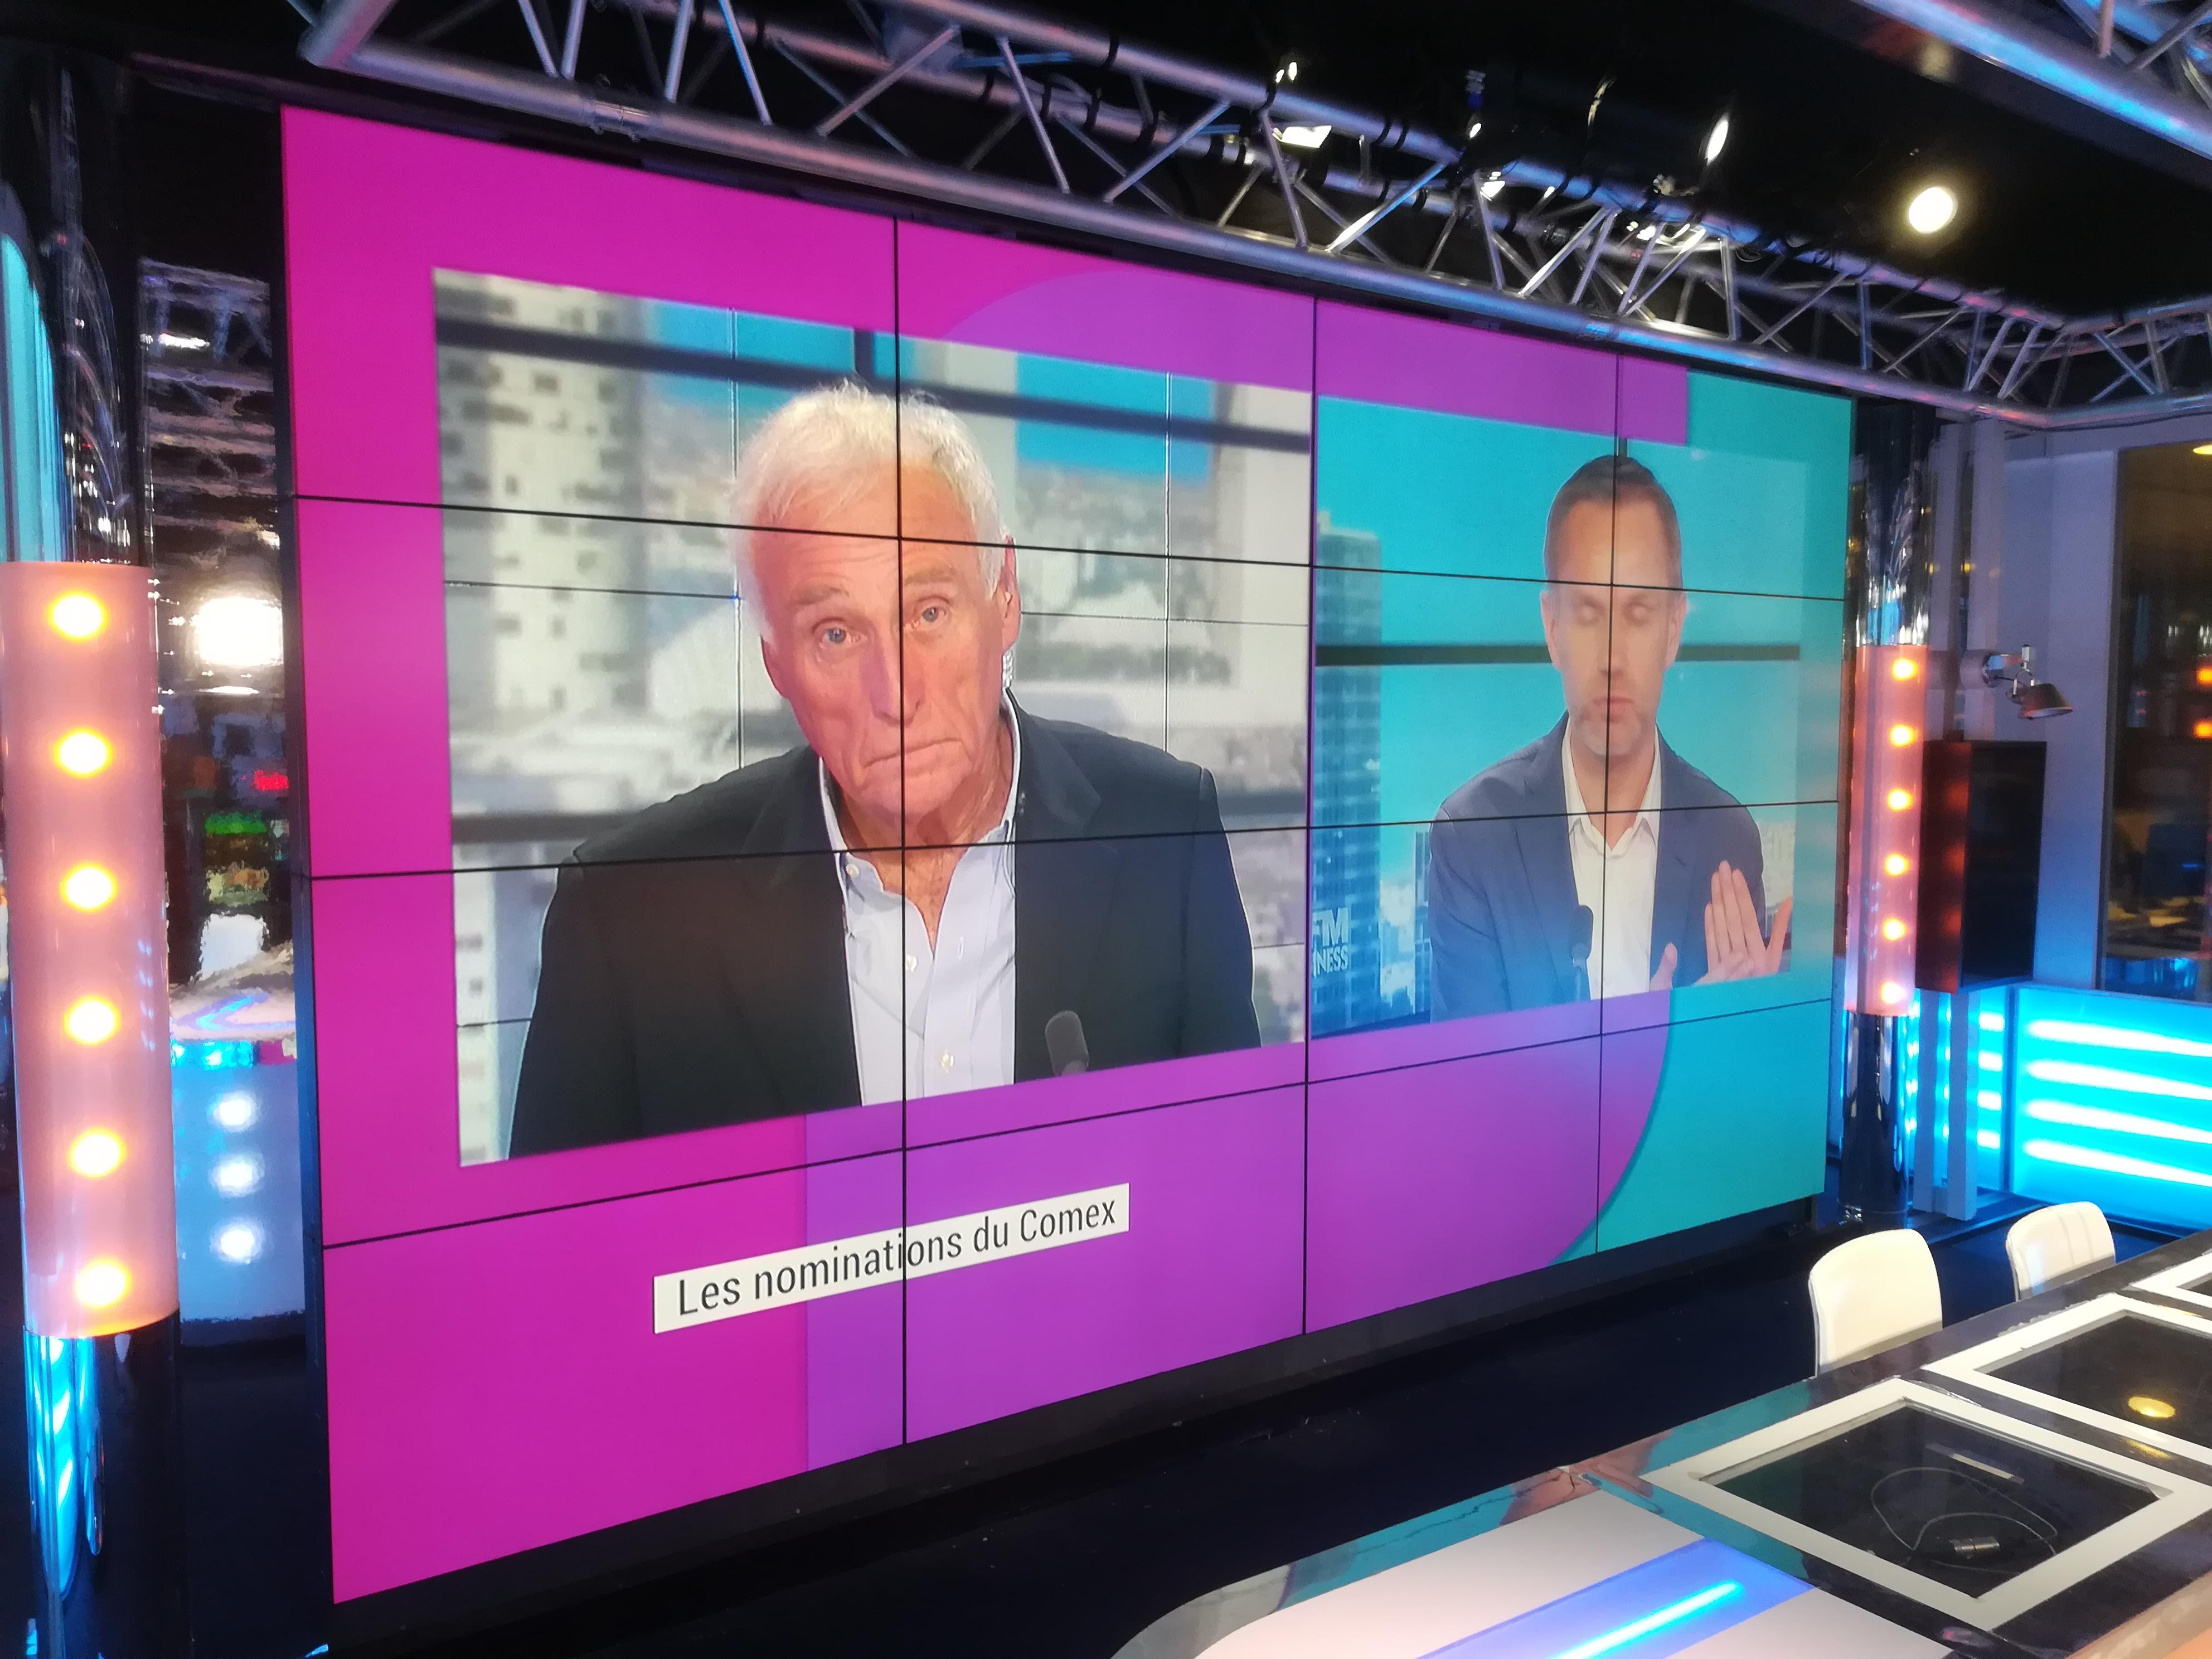 Mur d'image, Broadcast